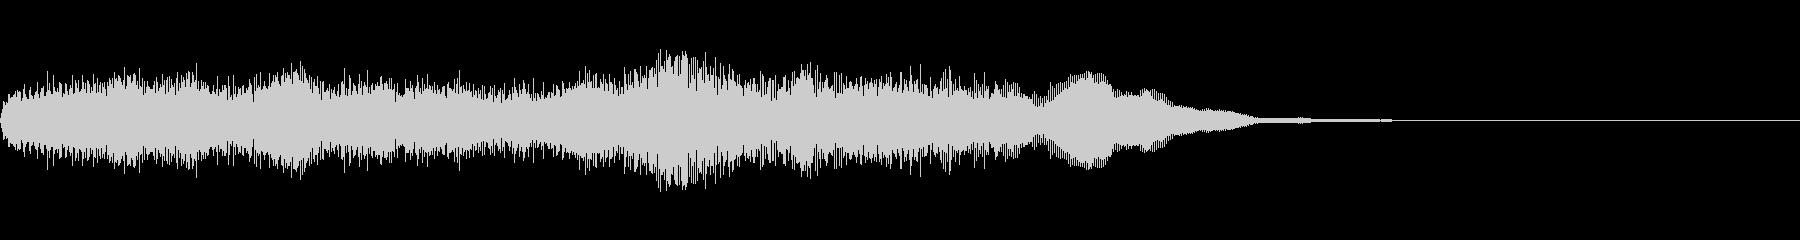 未来的な前進するイメージの効果音の未再生の波形